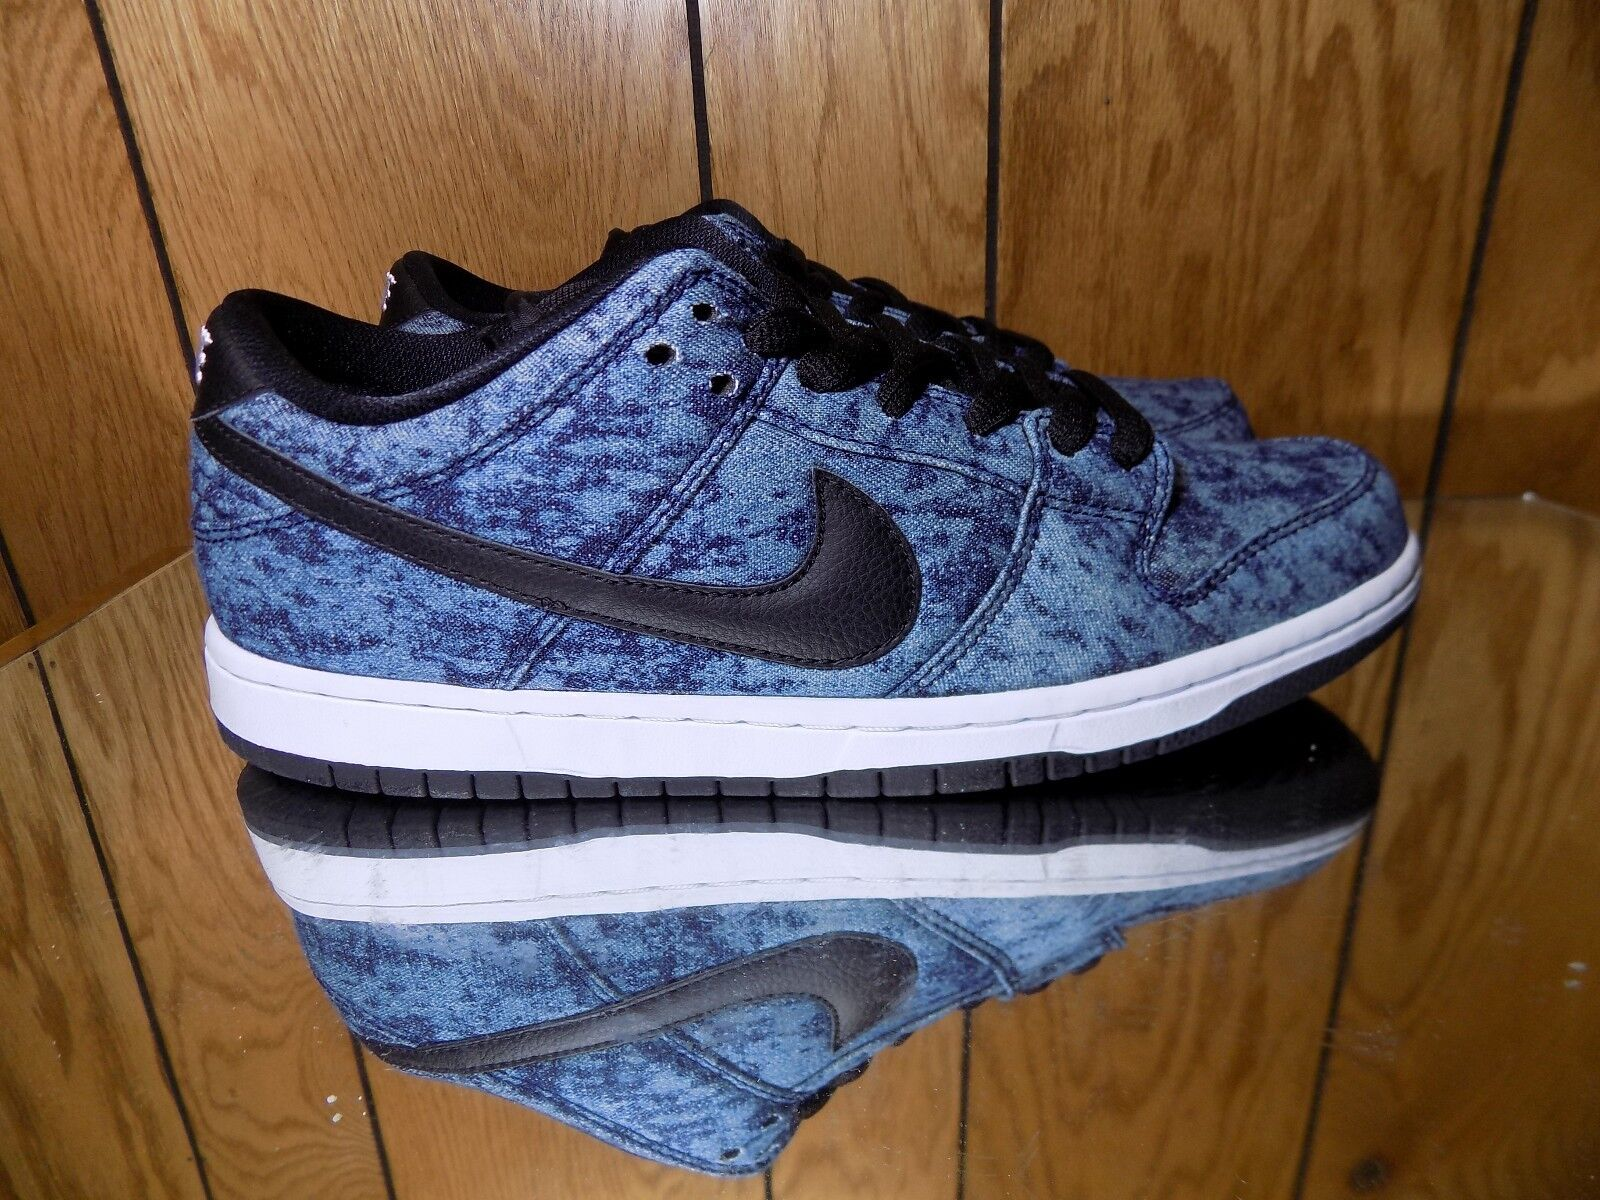 Nike DUNK LOW PREMIUM SB Midnight Navy Nero White 313170-402 (591) s 13 NEW